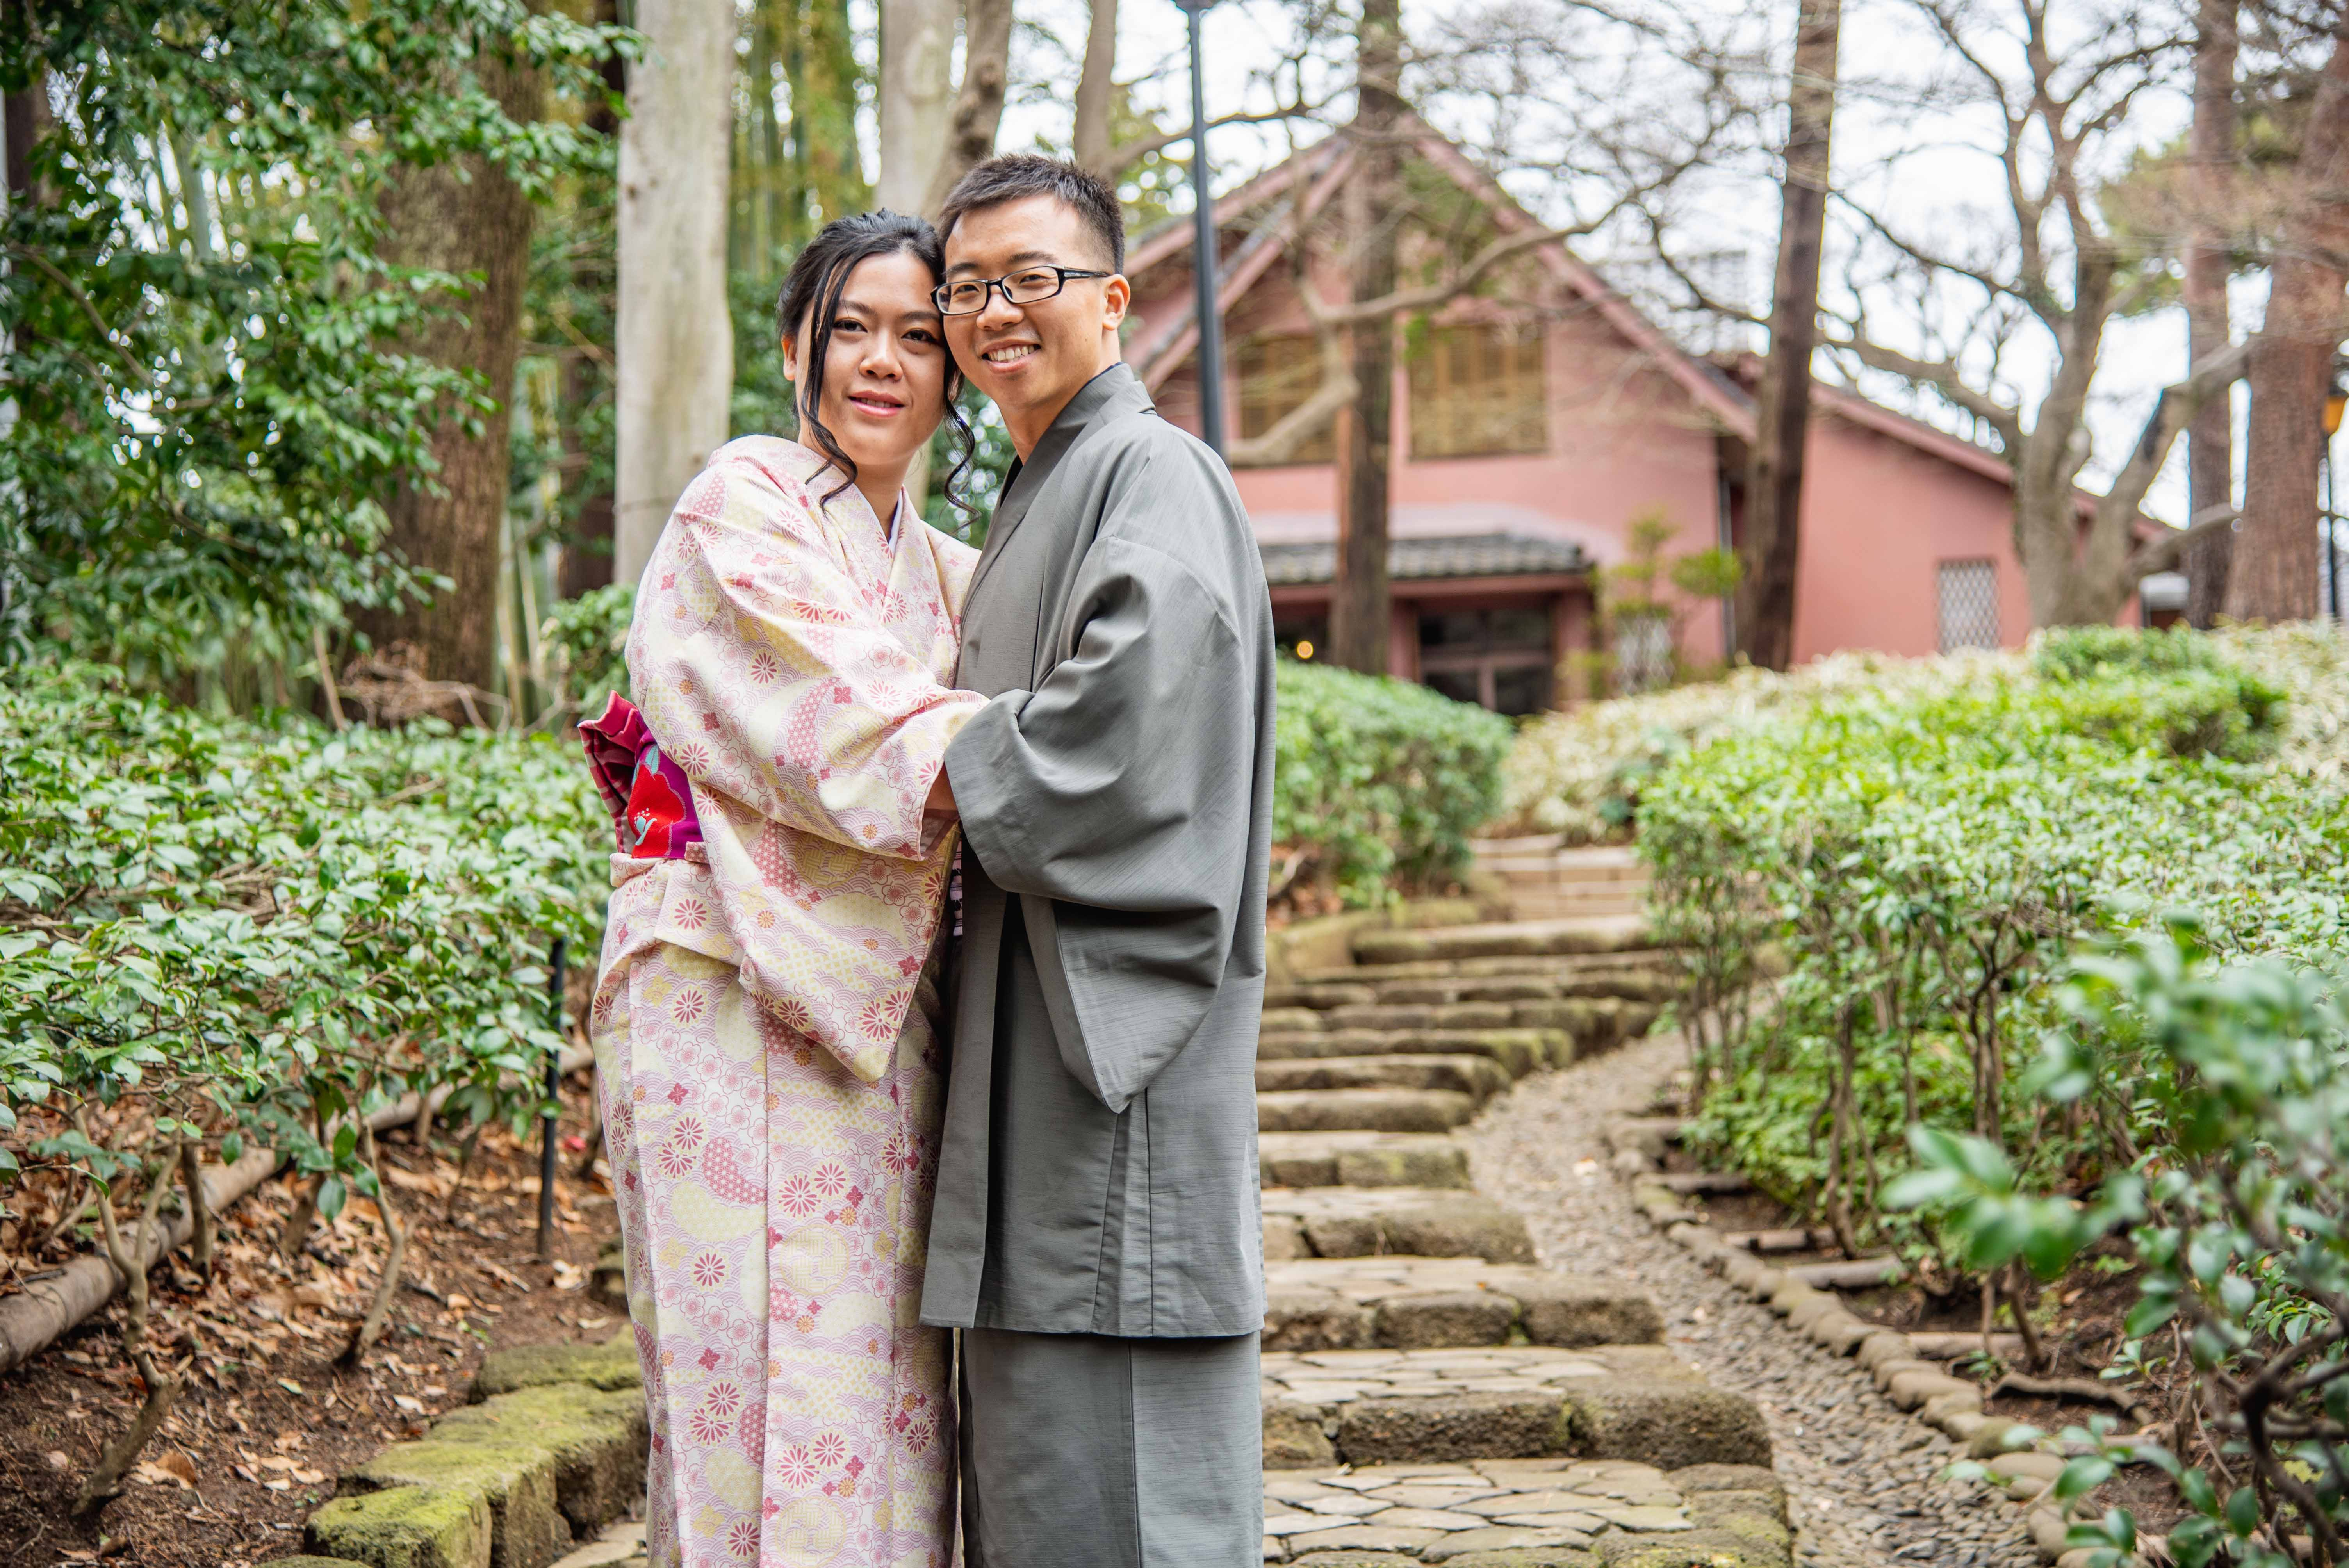 Kimono Photo Shoot in Tokyo